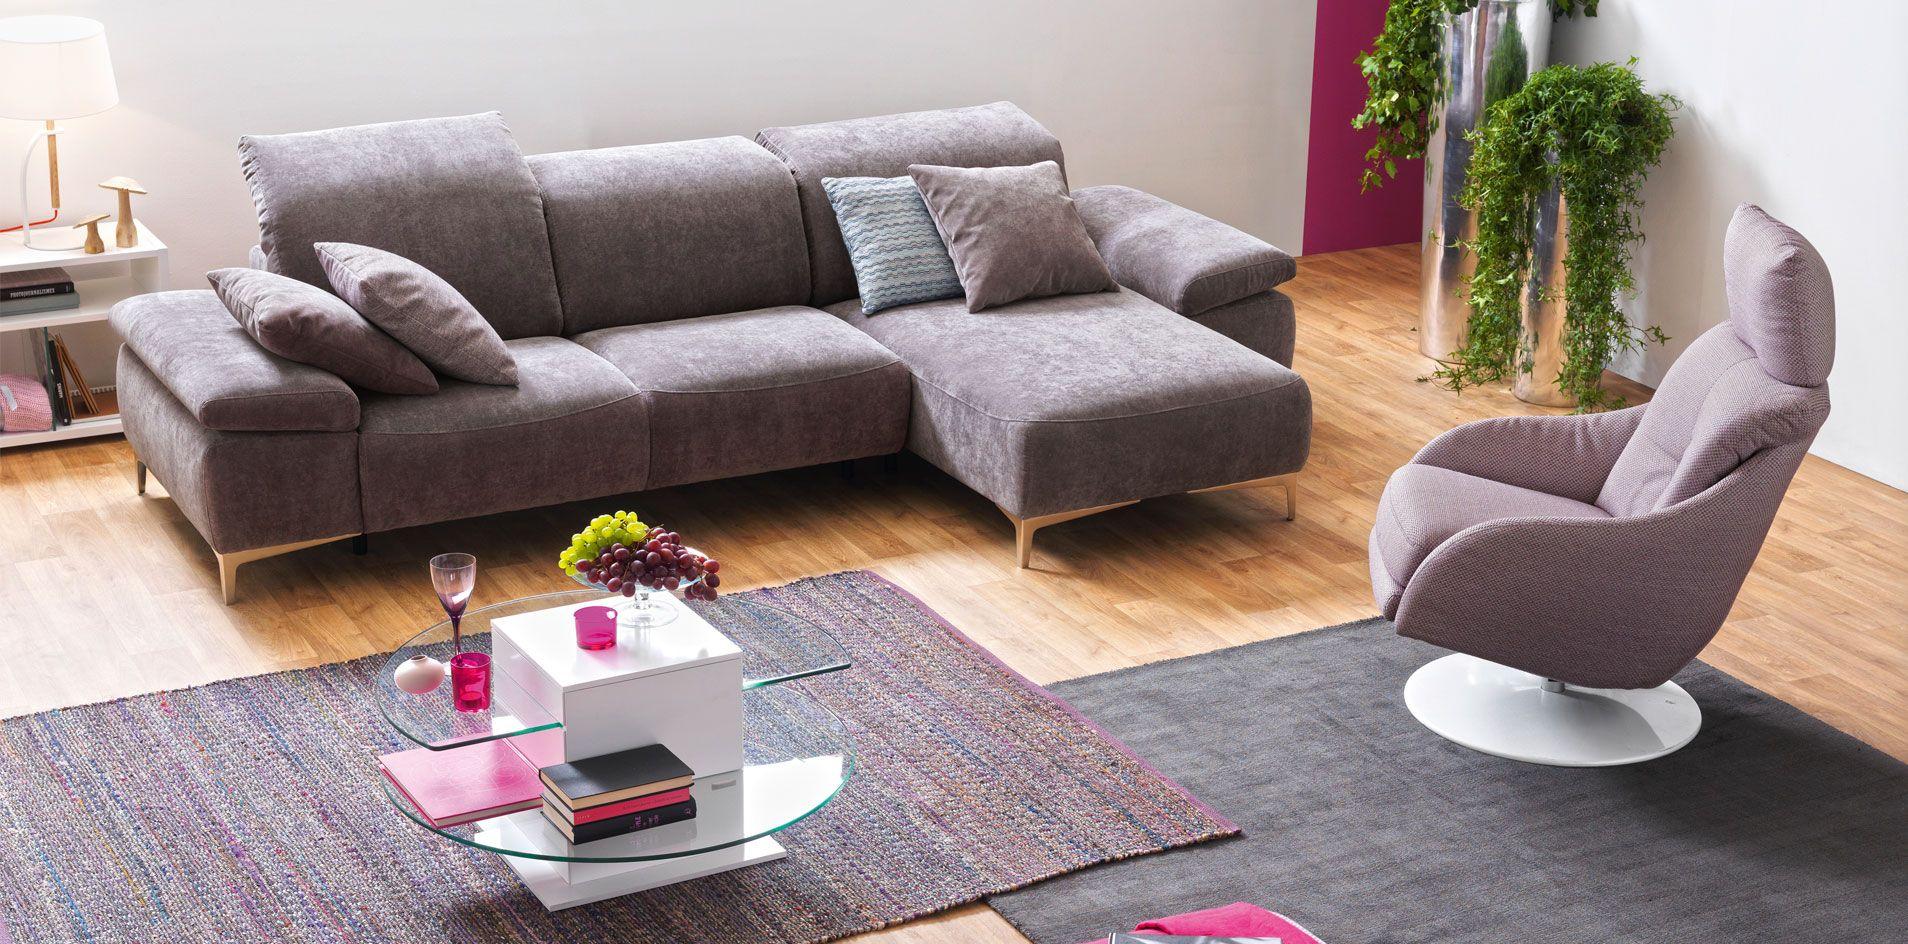 Canapé Dangle Places Gautier Meubles Meublesgautier - Canapé 3 places pour decoration moderne de salon